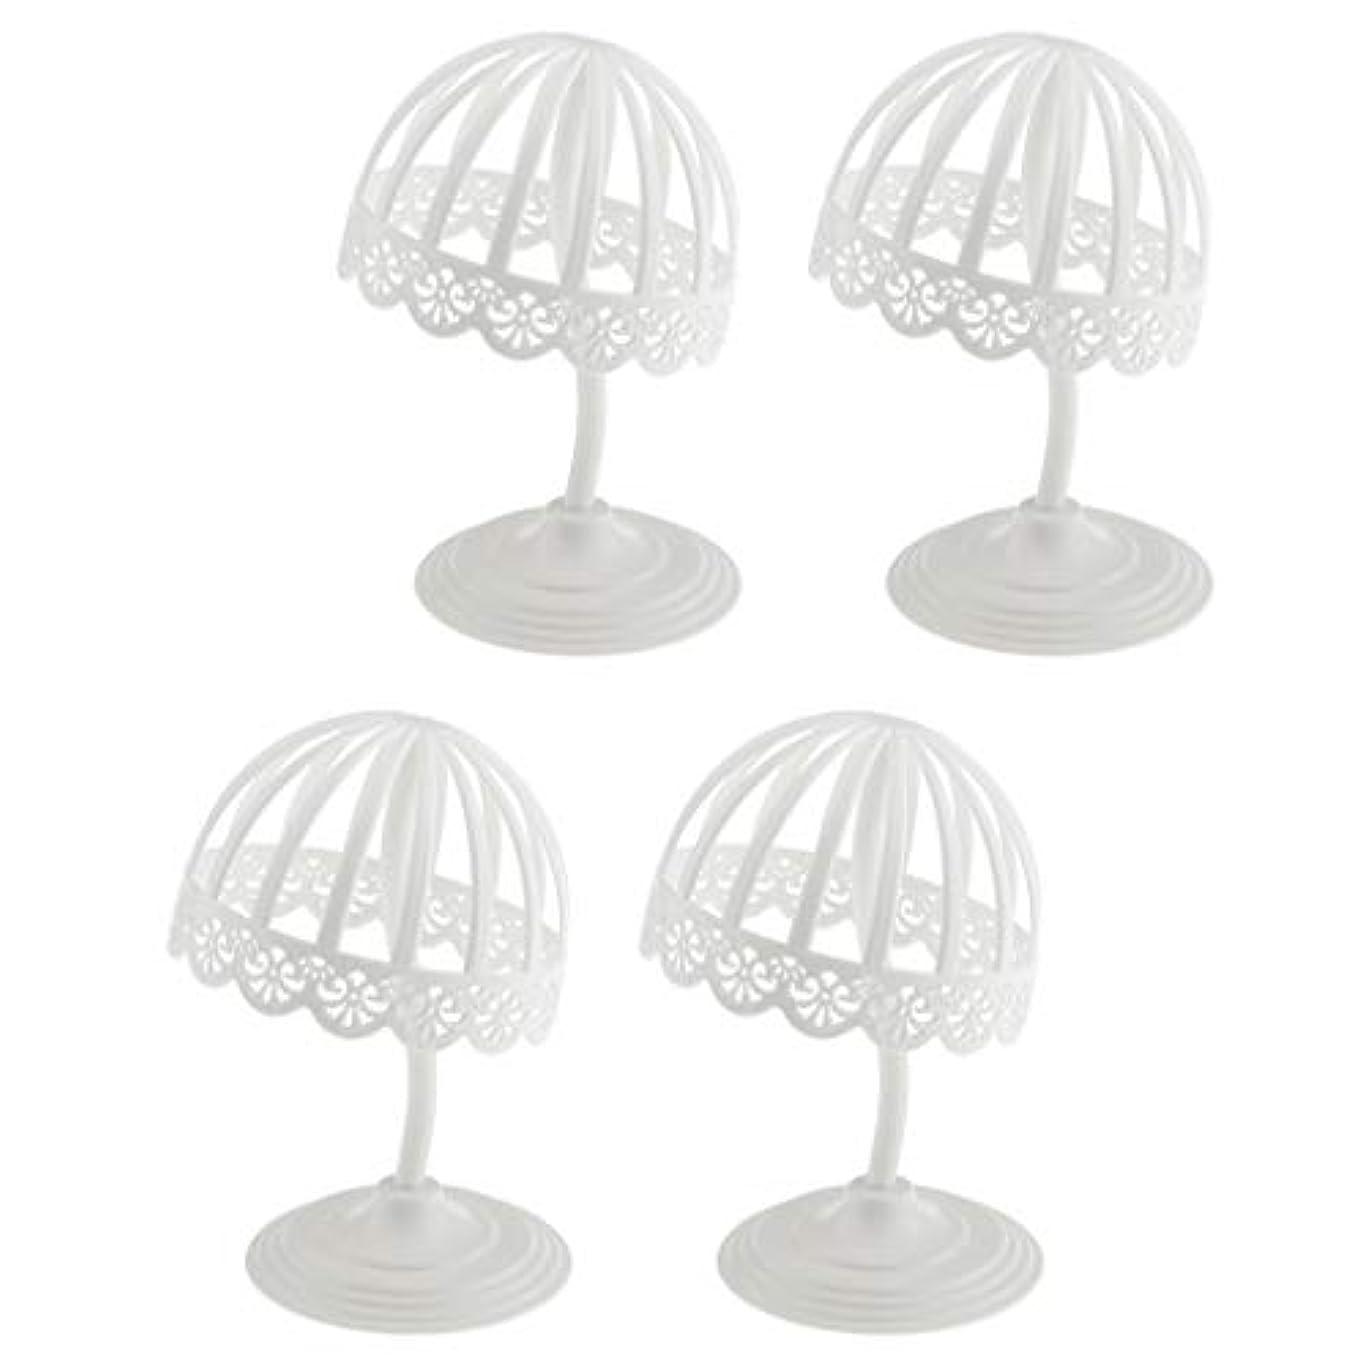 Perfeclan 4個セット ウィッグ スタンド 帽子 収納 ディスプレイ ホルダー プラスチック製 ホワイト